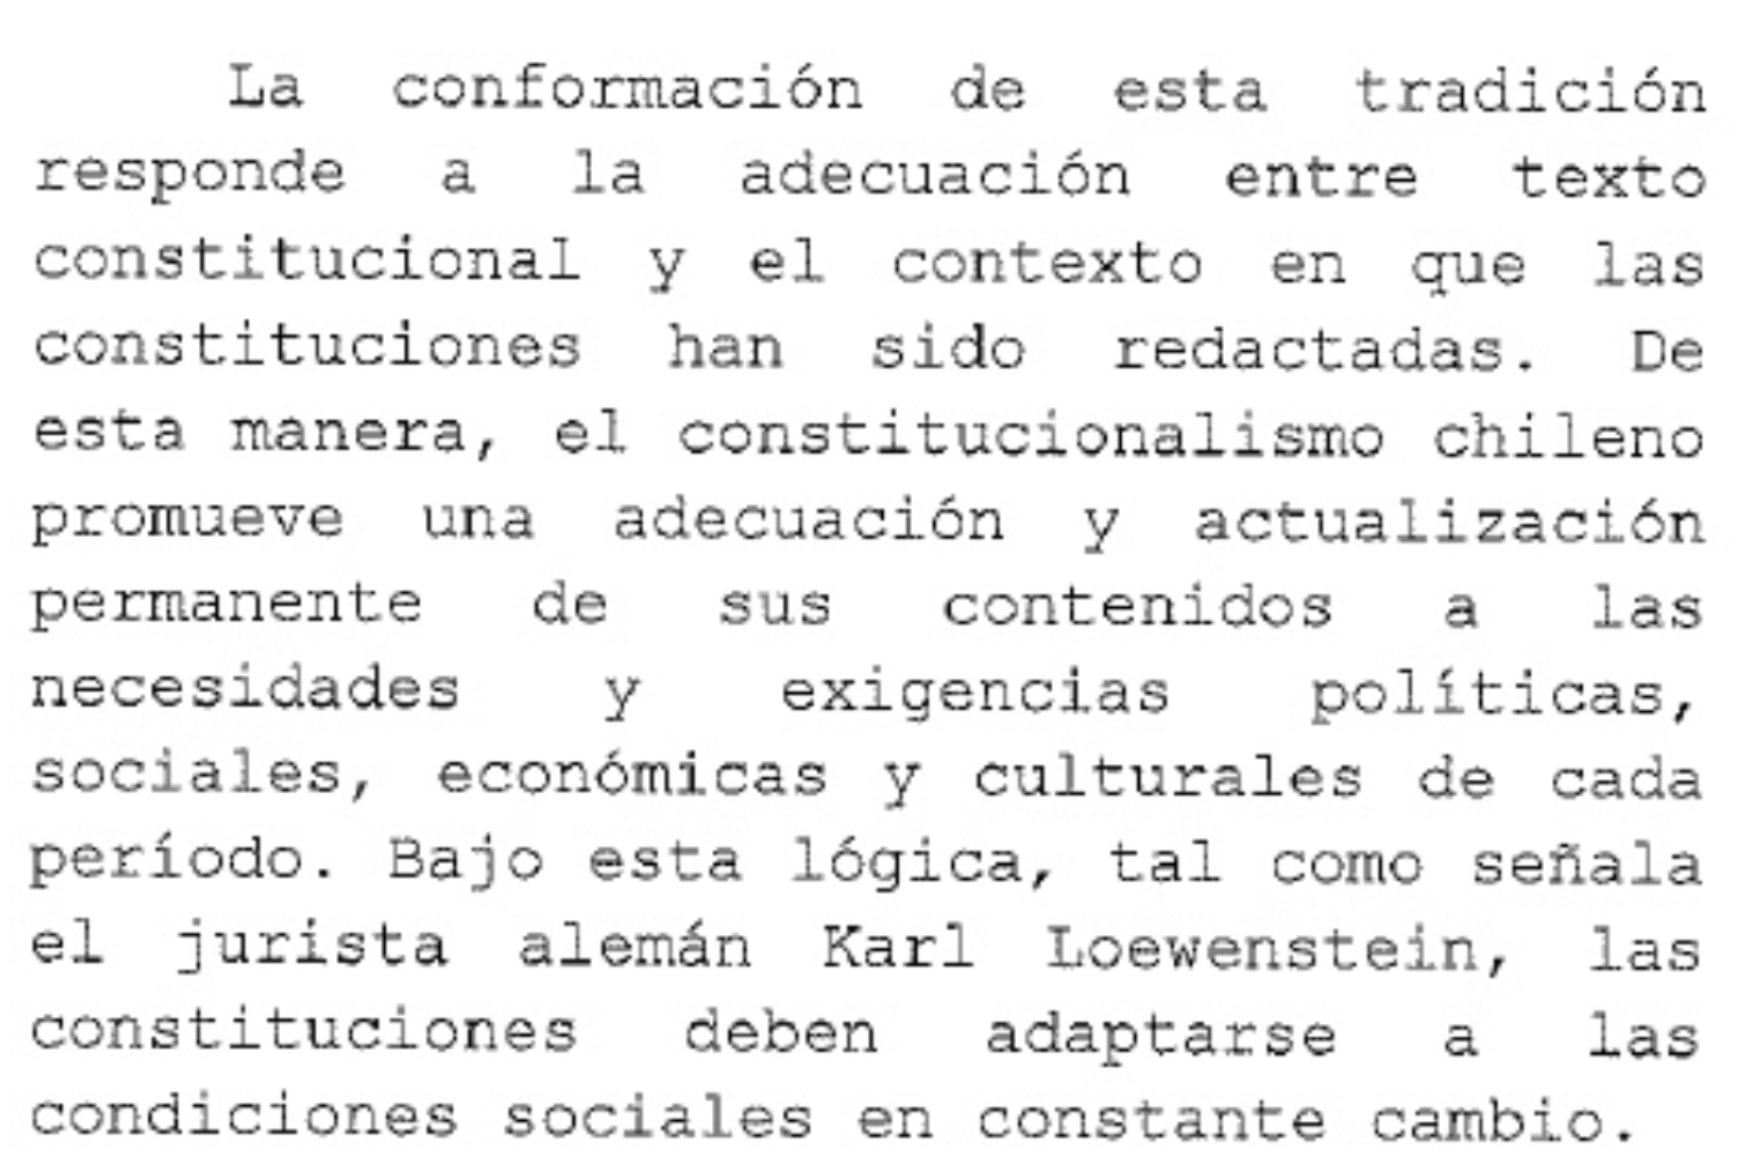 Extracto del mensaje de la ex Presidenta Michelle Bachelet con el que inició un proyecto e reforma a la Constitución.